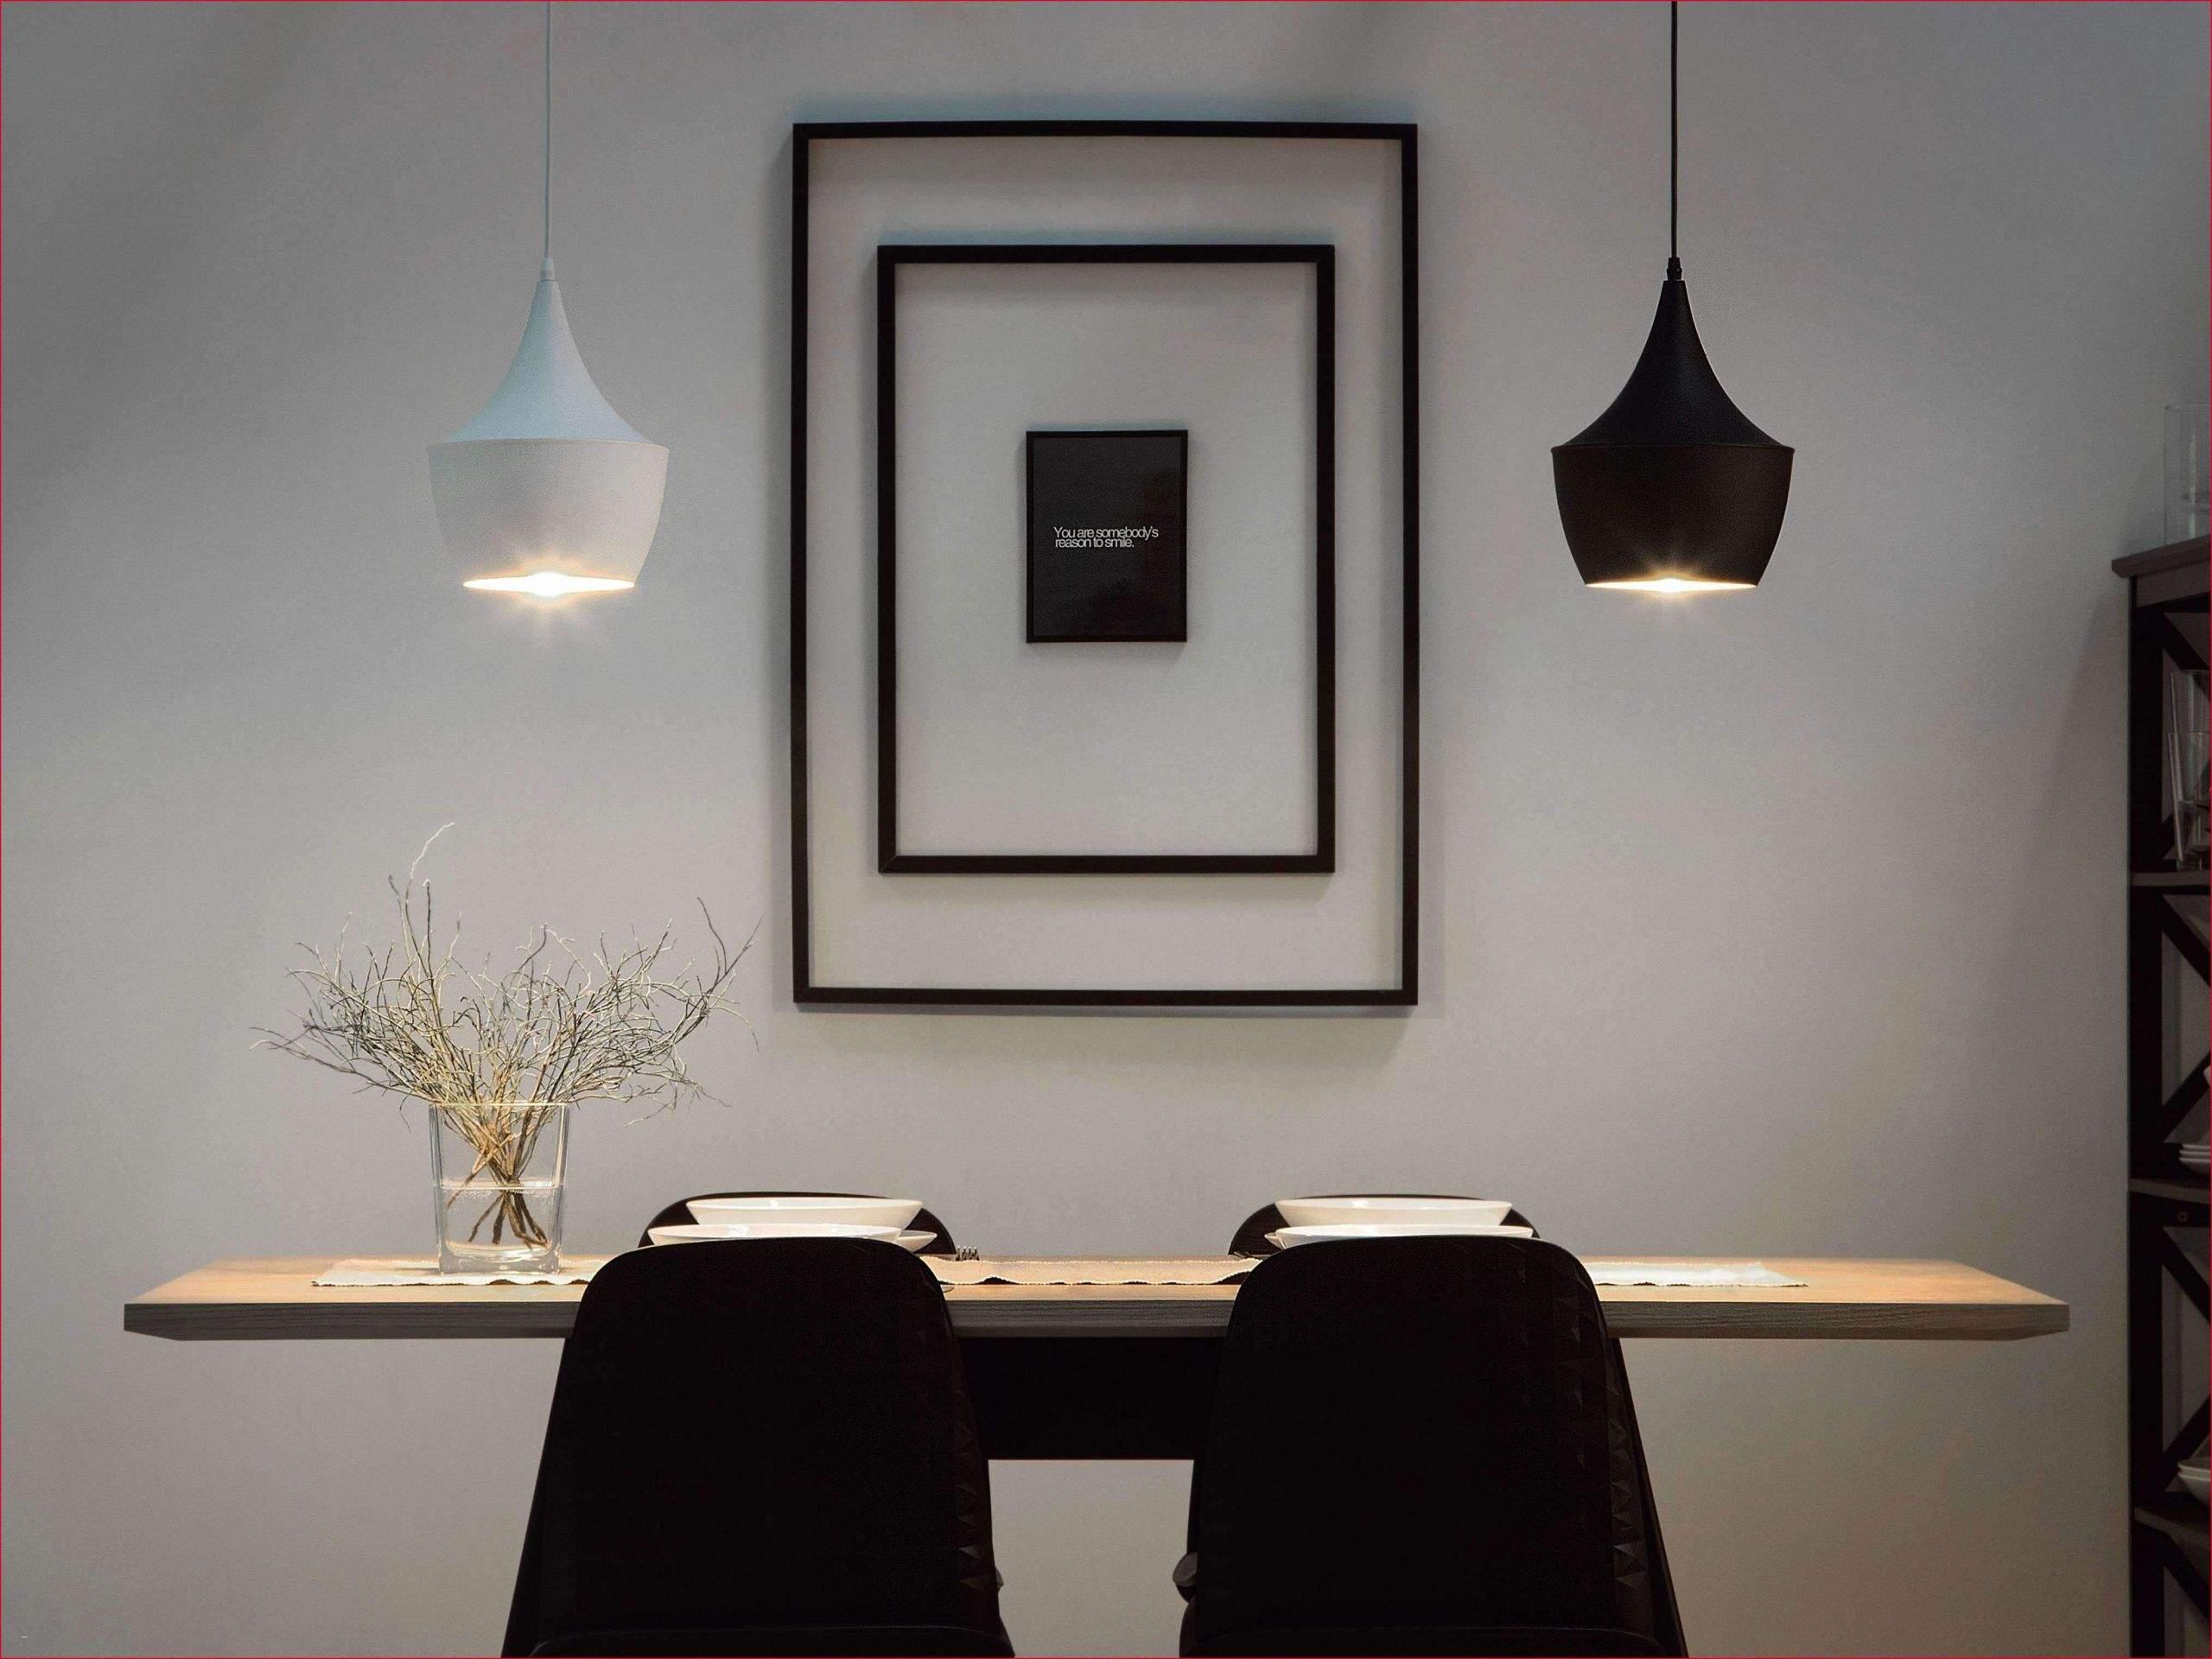 wohnzimmer beleuchtung led einzigartig schon licht lampe sammlung von lampe idee lampe ideen of wohnzimmer beleuchtung led scaled